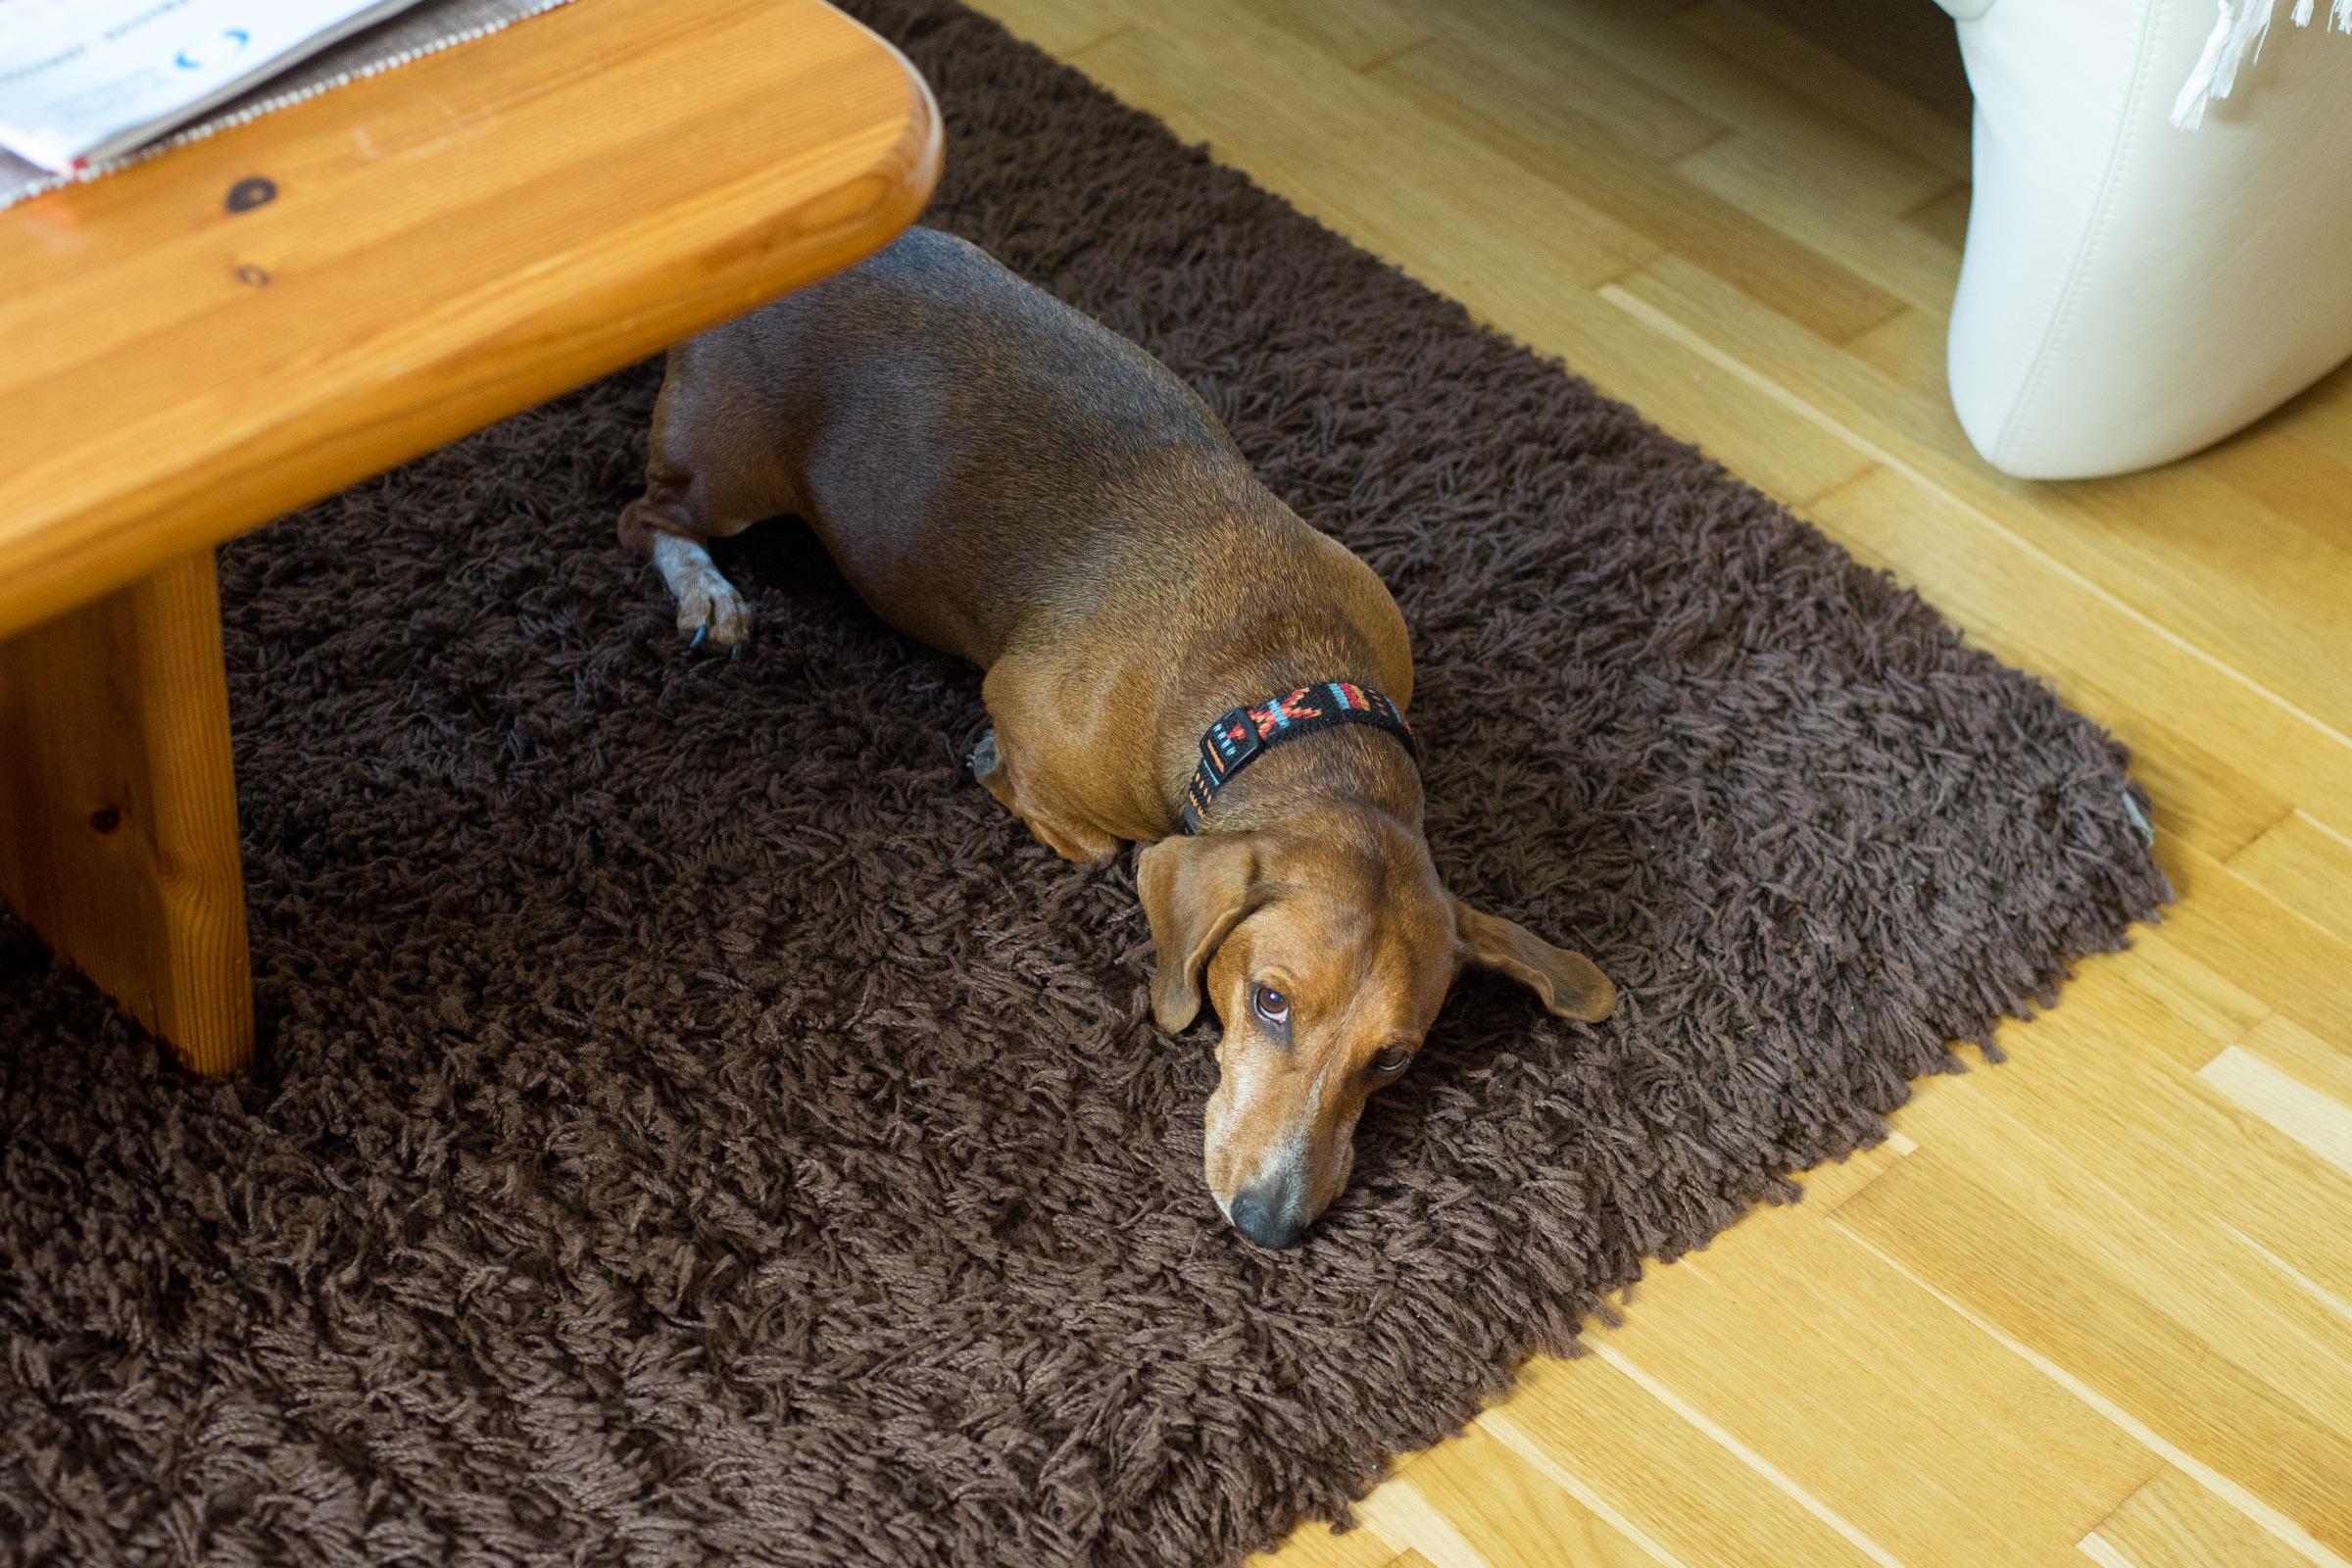 Zwischendurch mal mit Decke oder Teppich kuscheln! (pp)